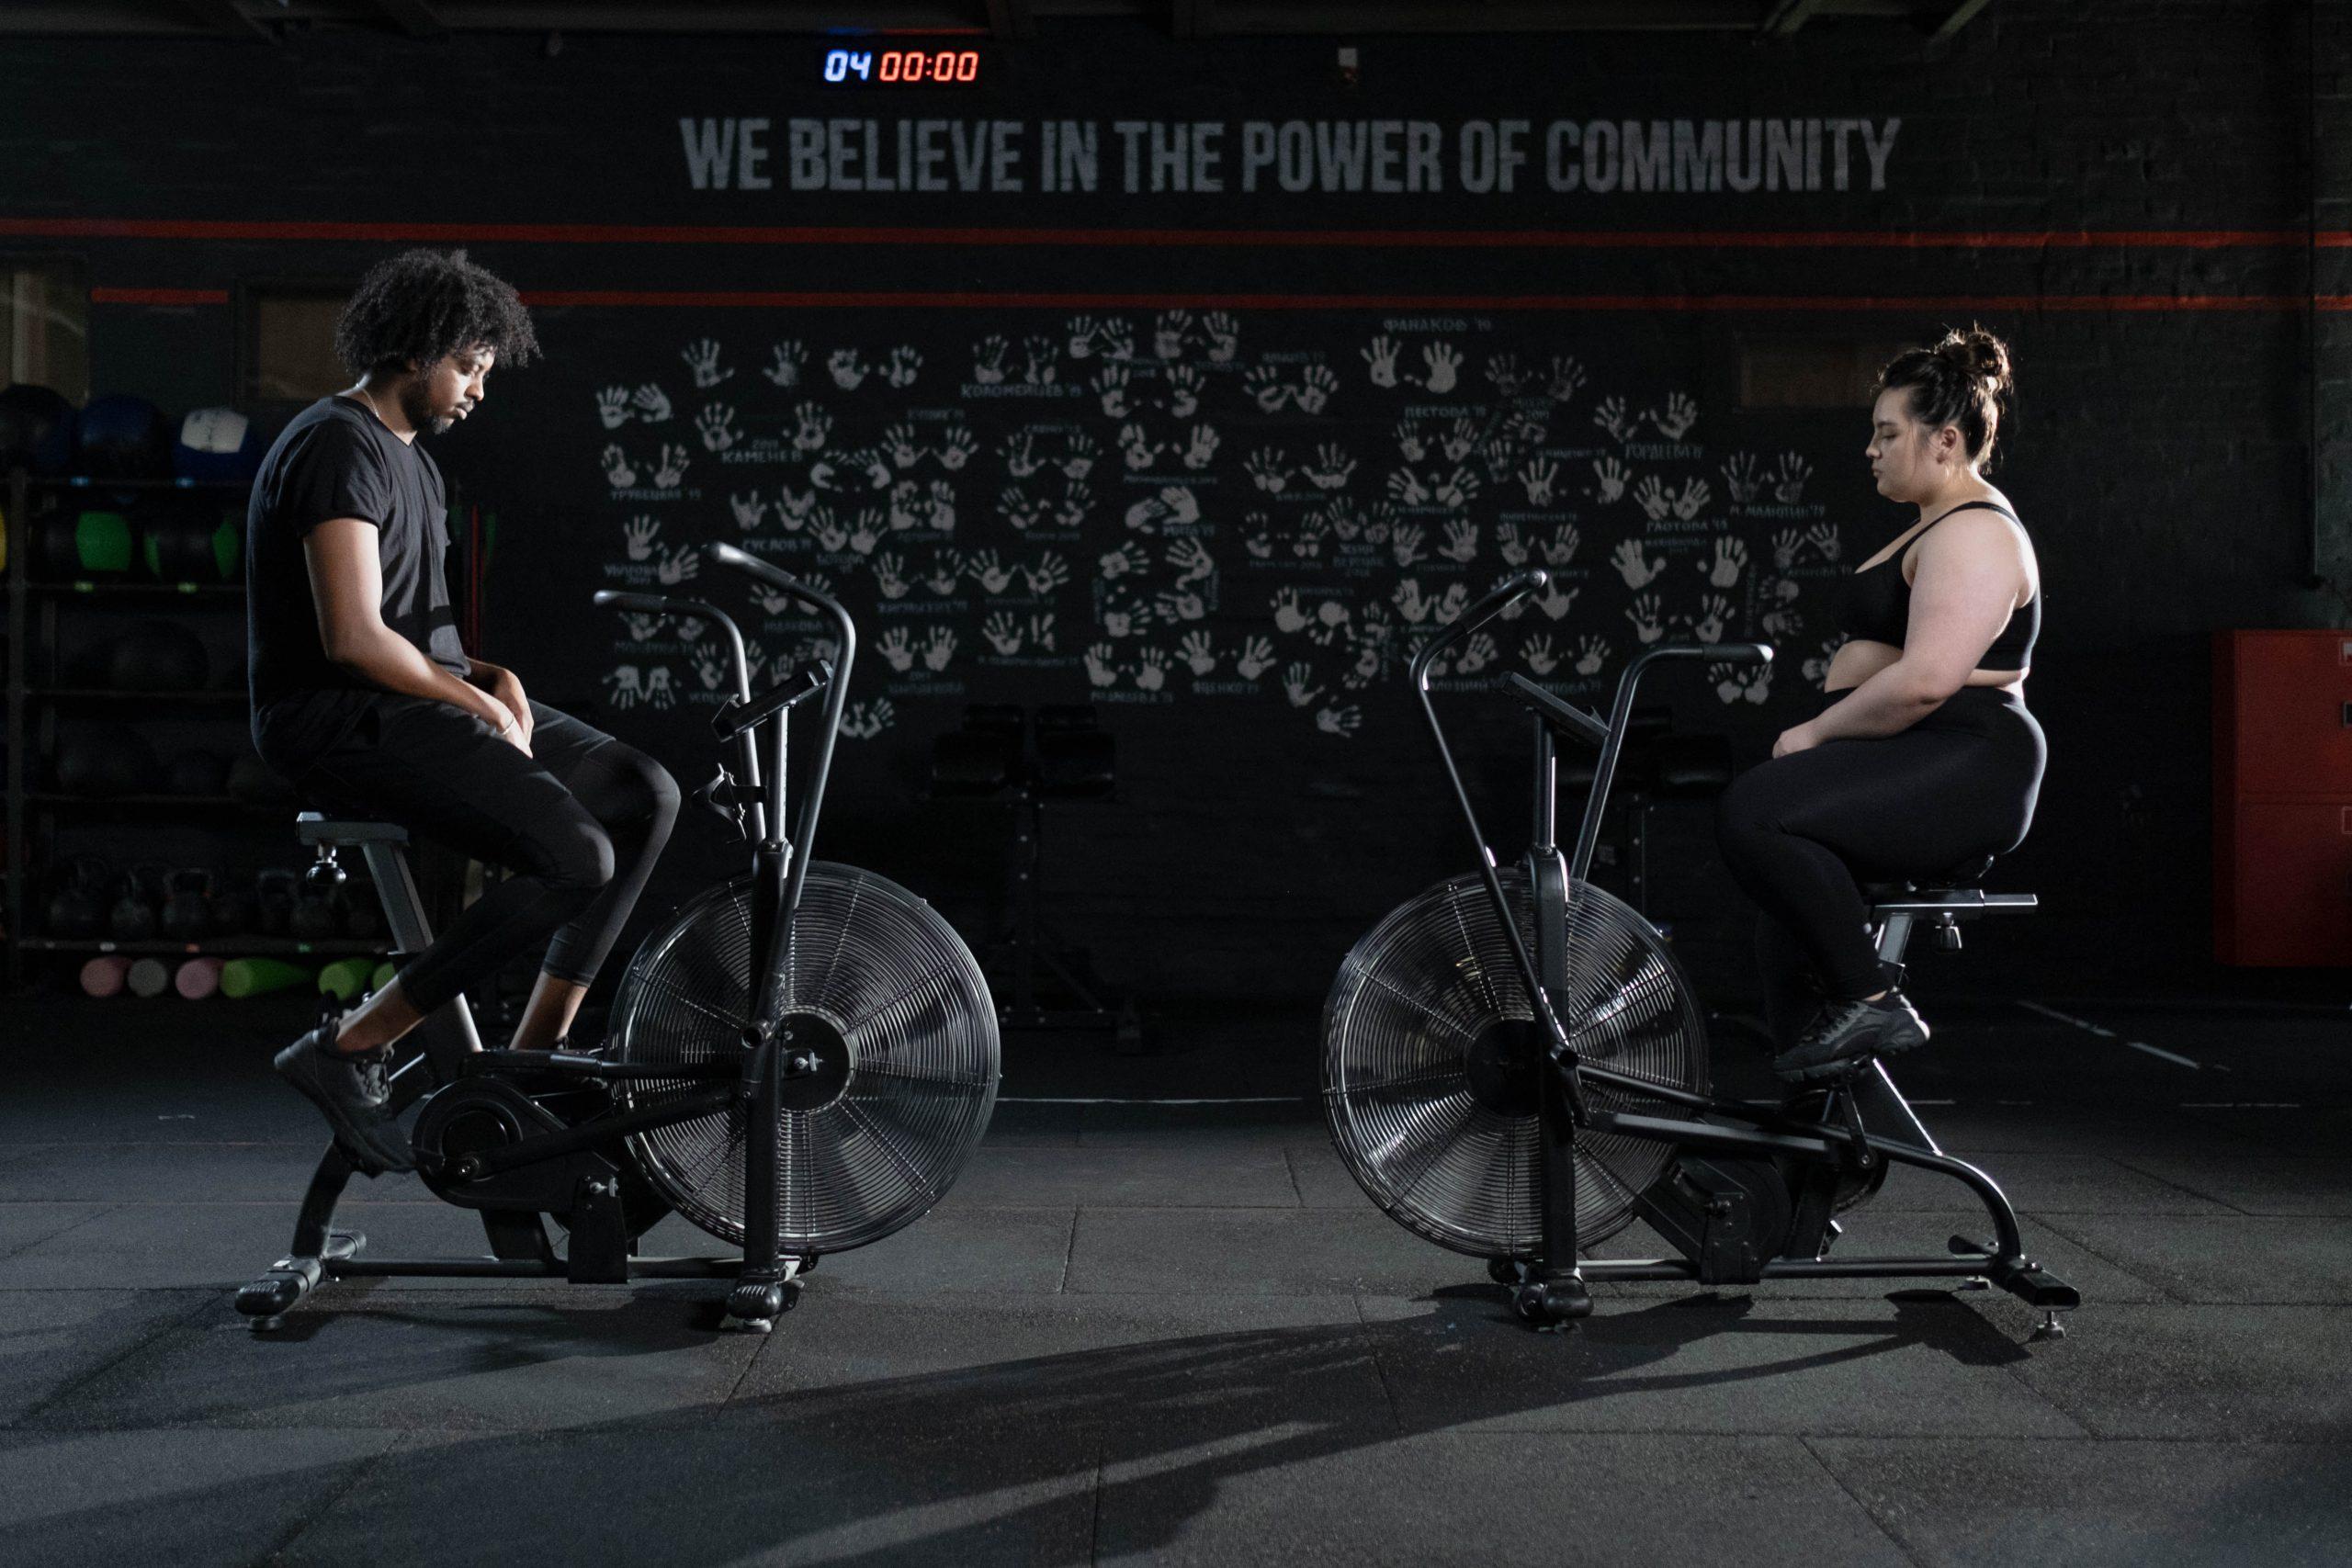 Homem e mulher sentados em air bikes. Um está de frente para o outro.